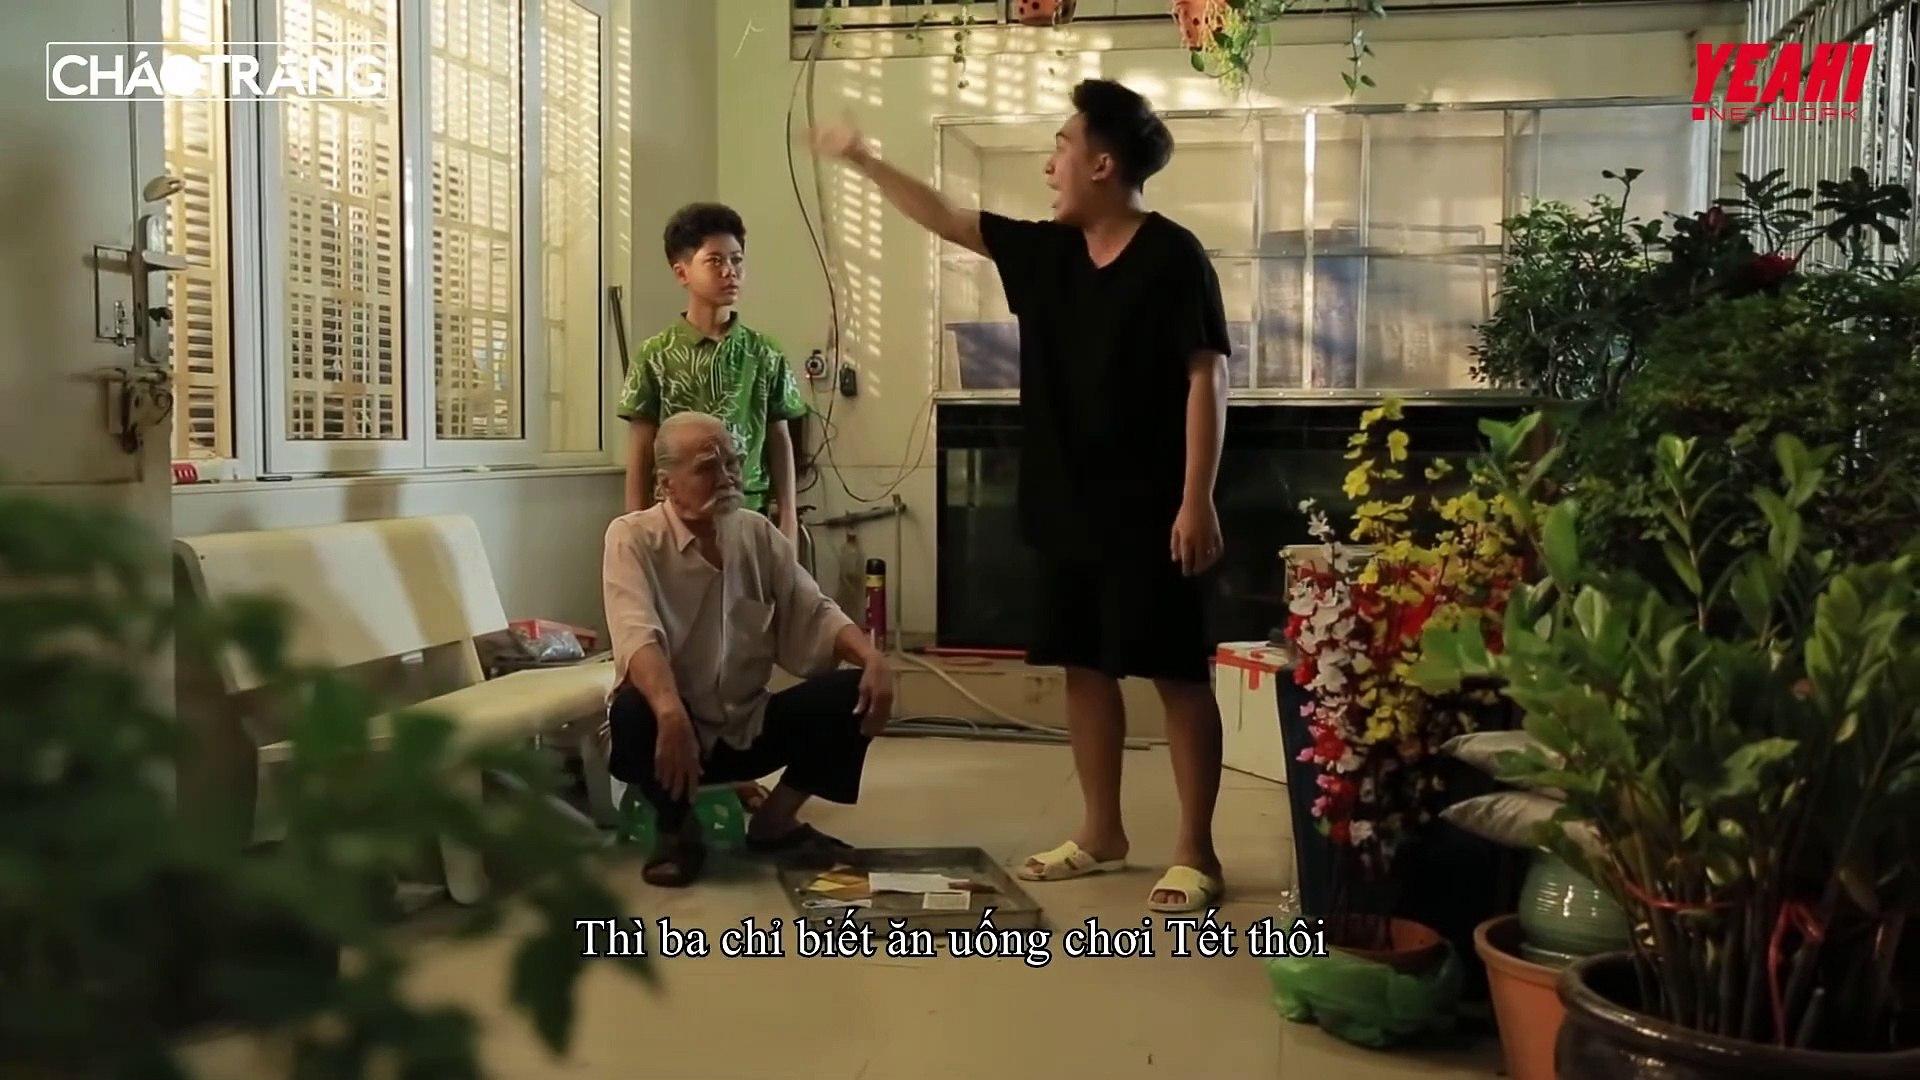 Con Trai Bất Hiếu - Coi Thường Cha Ở Quê Lên Thành Phố Thăm Cháu - Phim Ngắn 2019 - Cháo Trắng 14